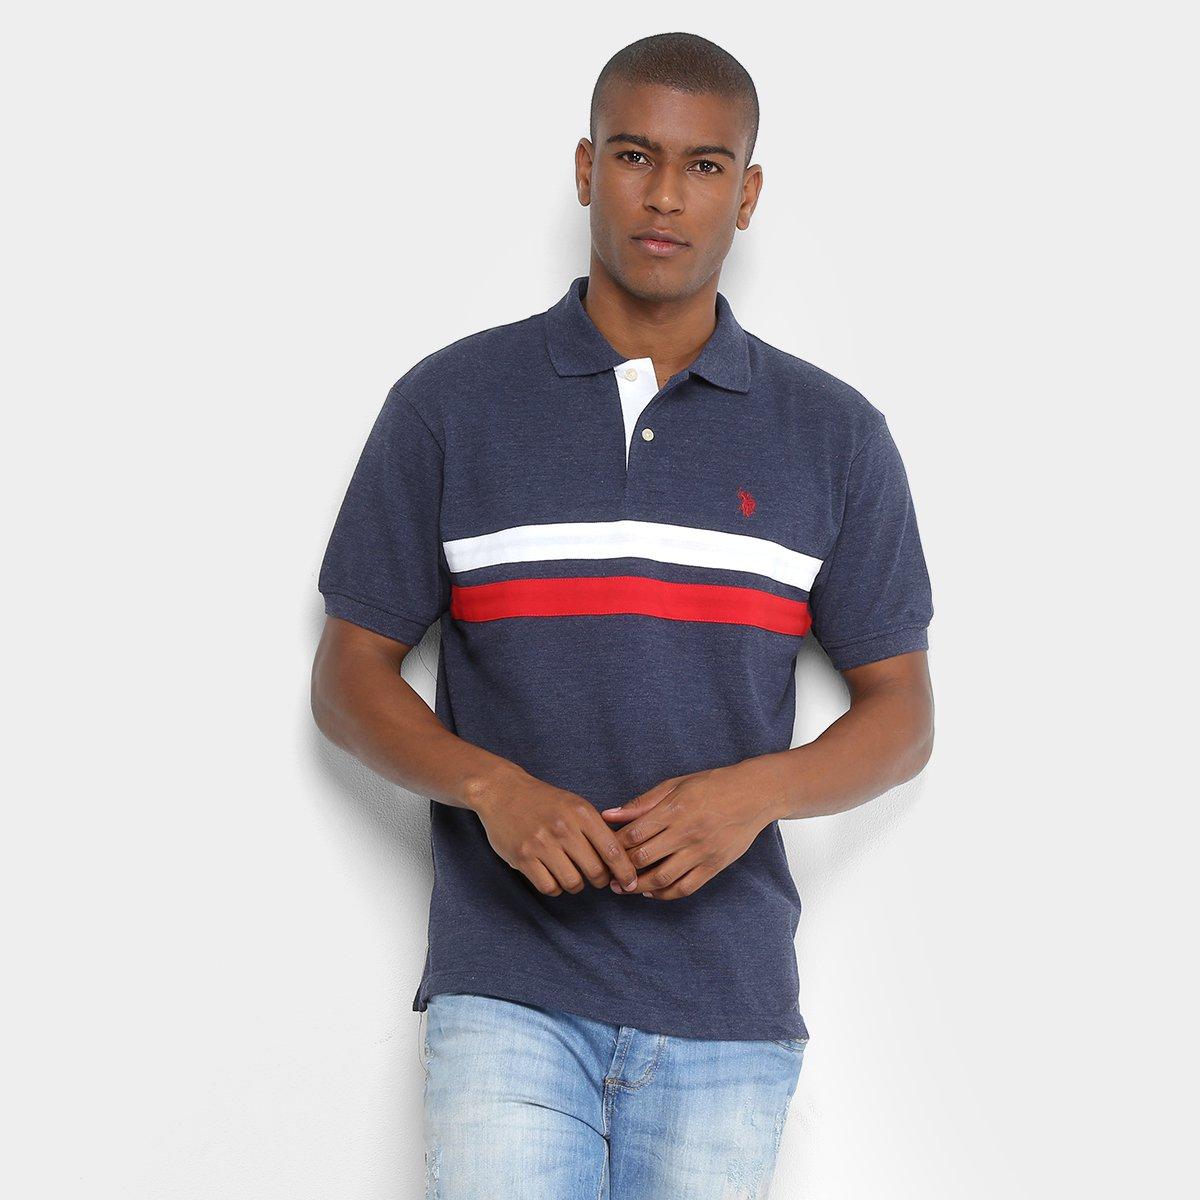 ... Camisa Polo U.S.Polo Assn Mescla Listras Masculina 3ba4c2893cded